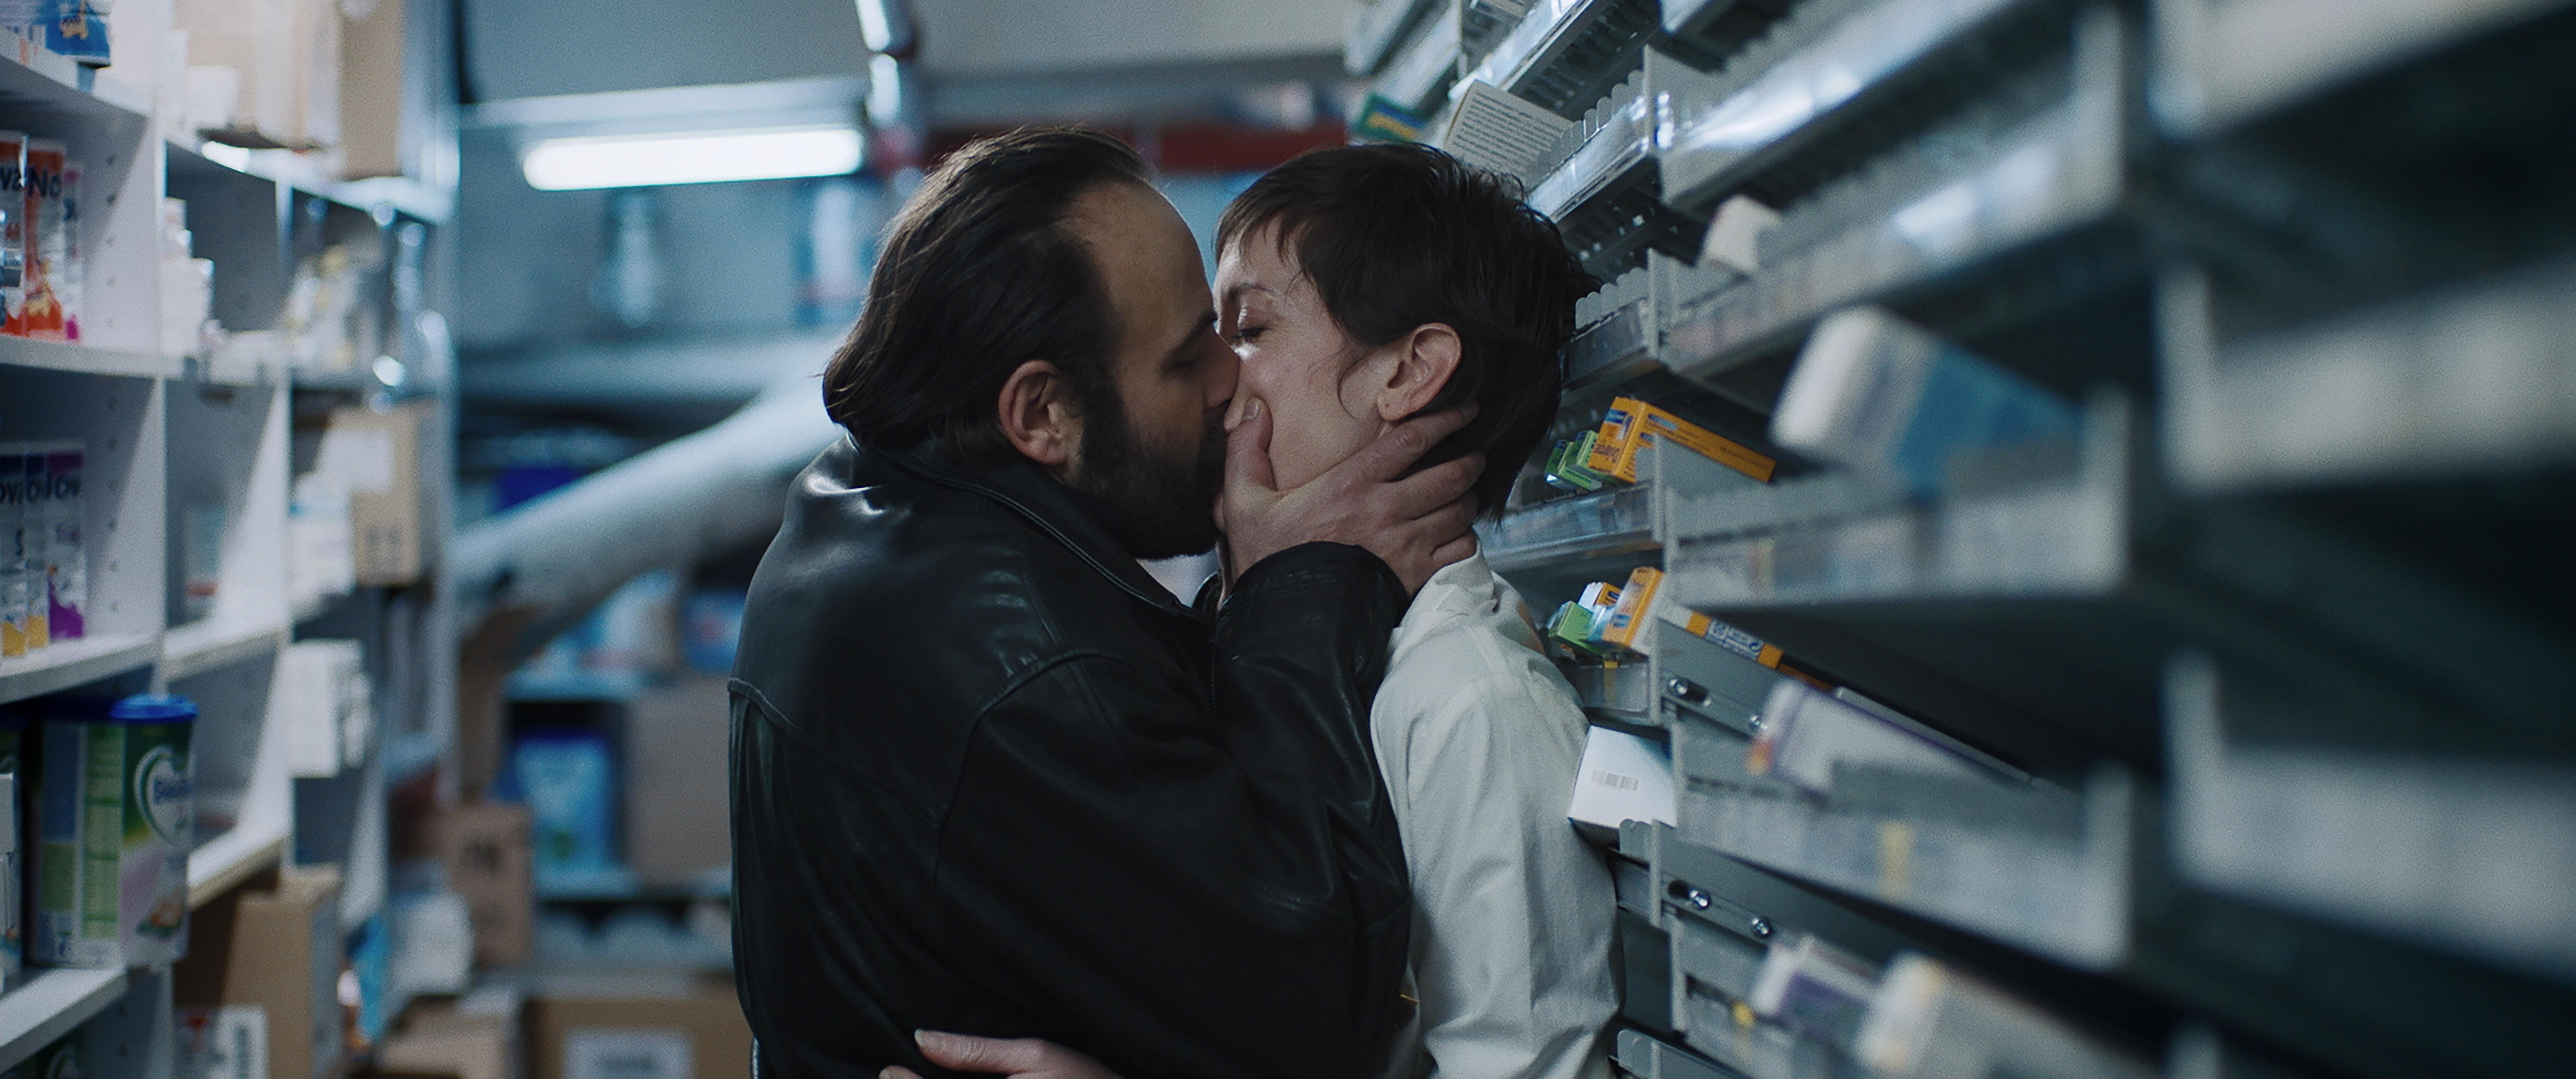 MEDECIN_DE_NUIT_Photo_2╕Partizan Films 2020